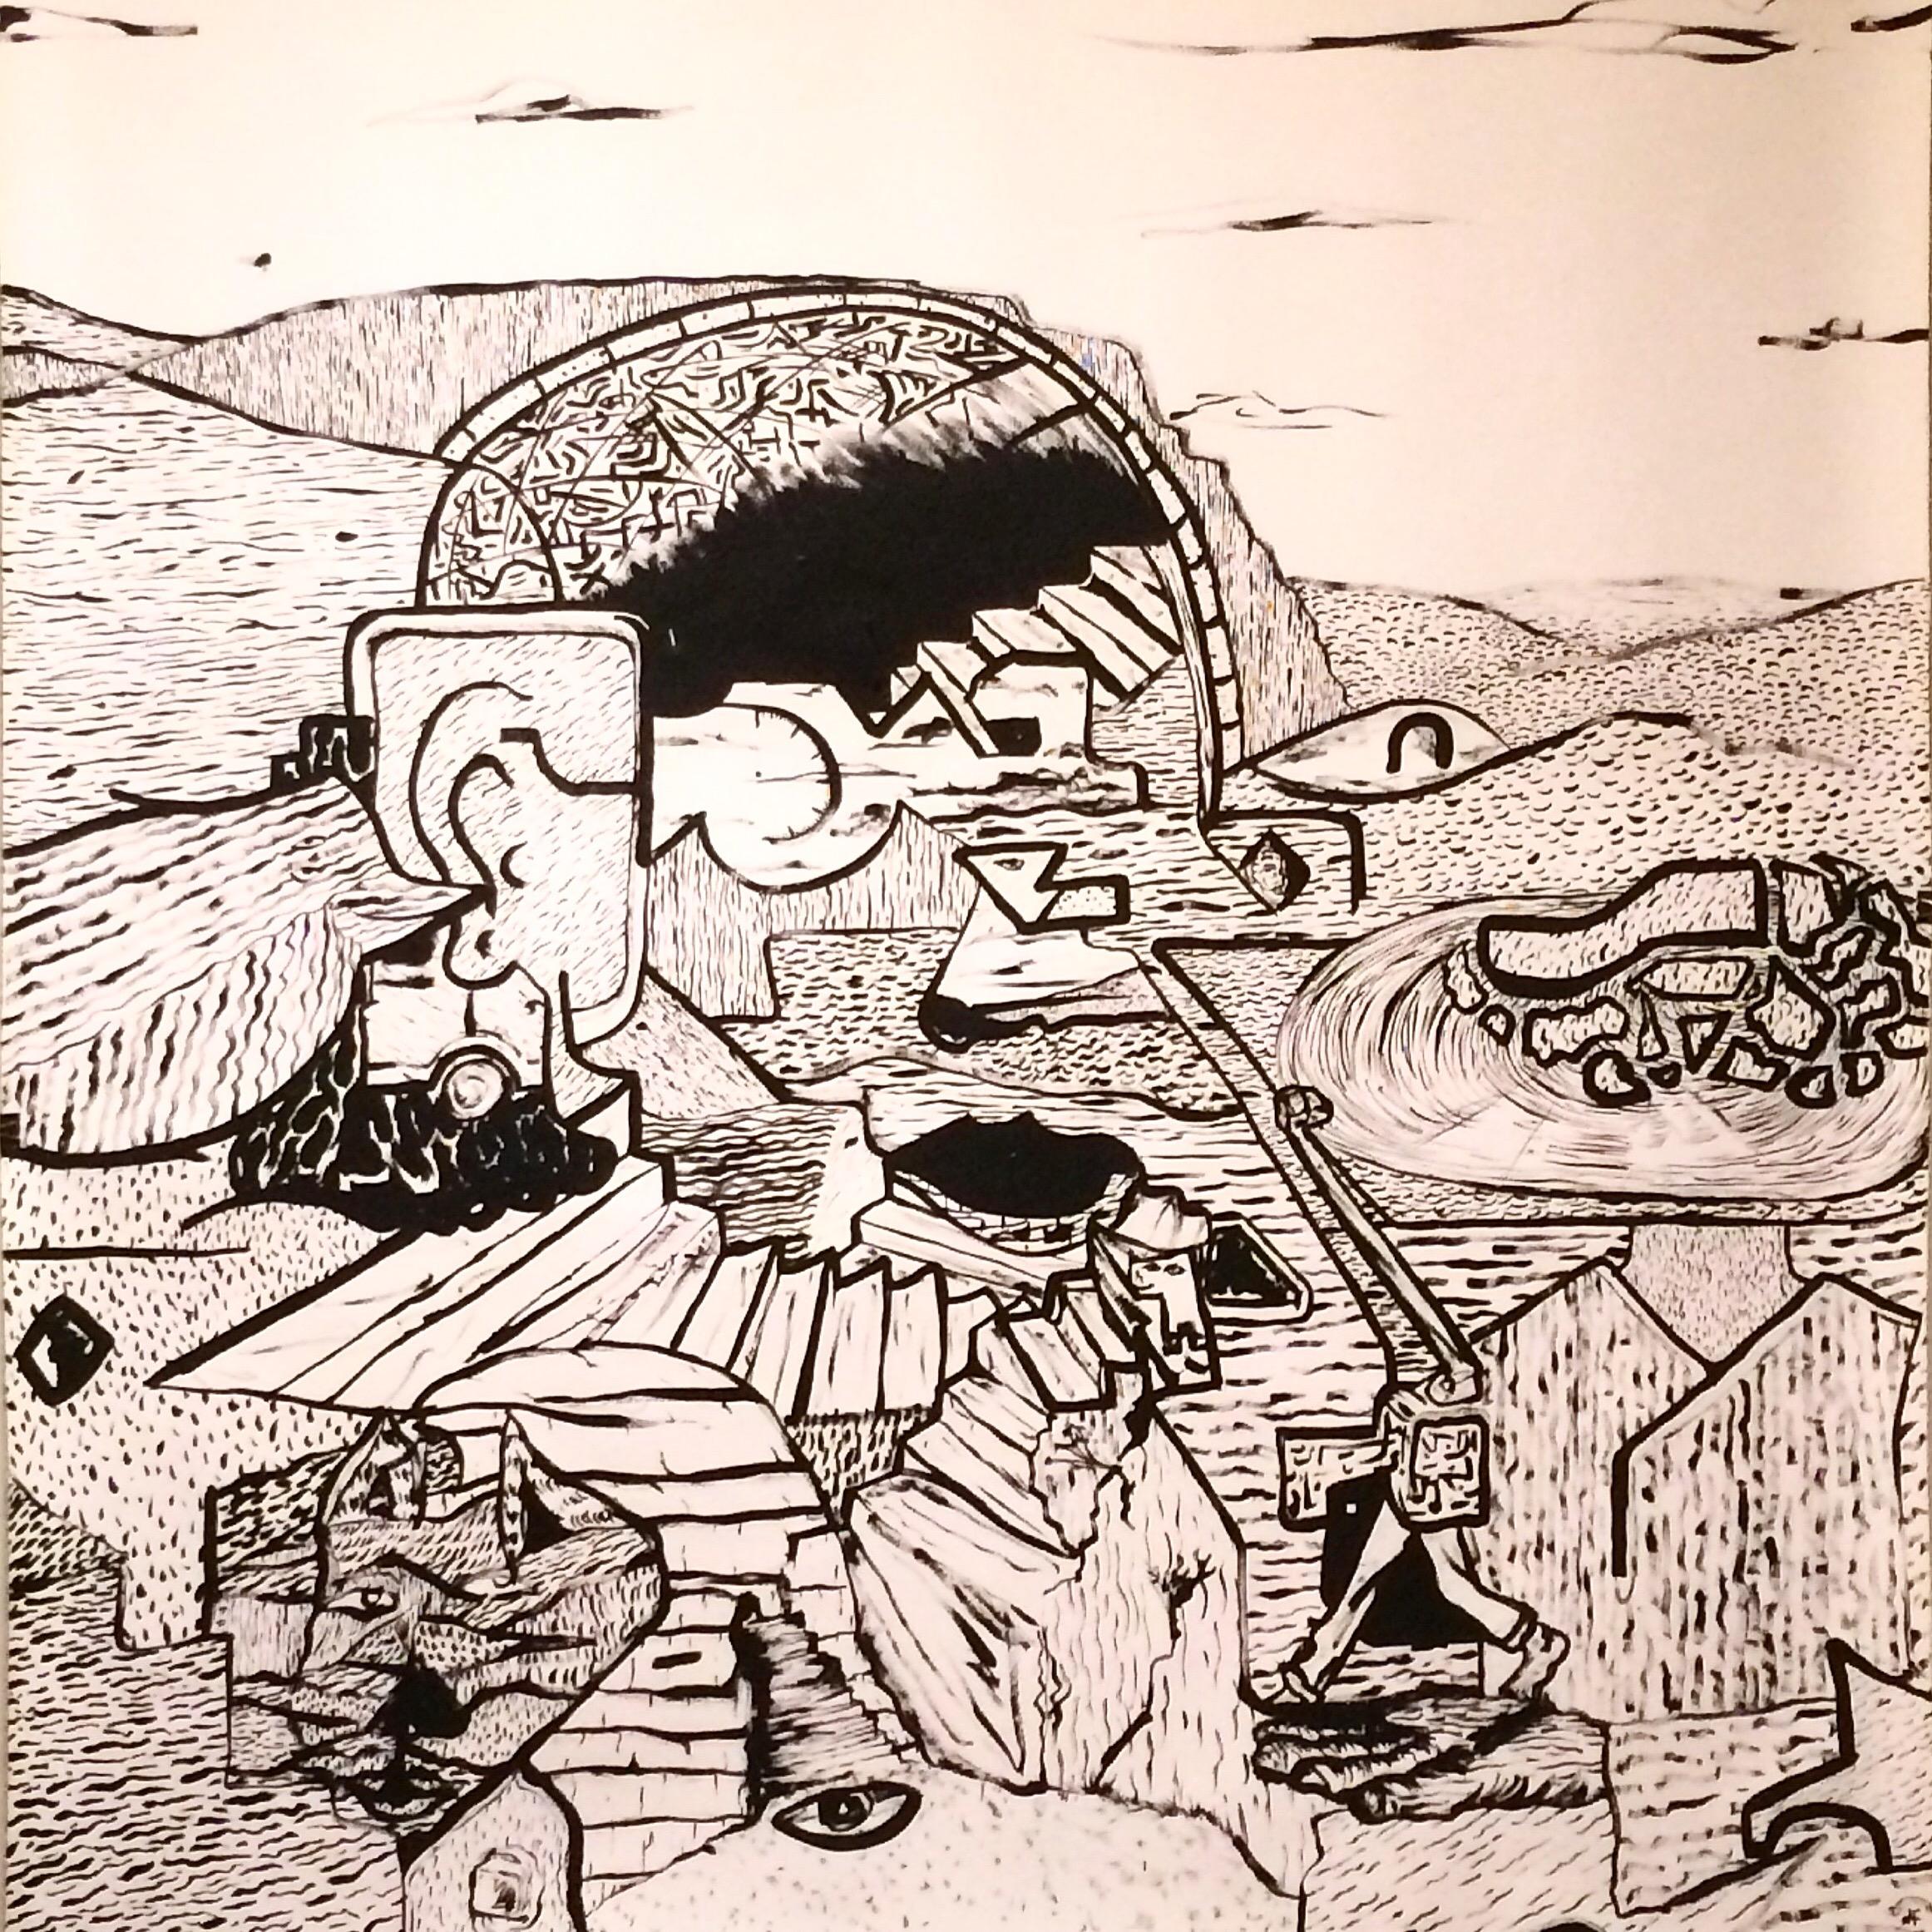 Alex Fatemi Record A Record, 2015 Acrylic on paper 48x 48 inches $480